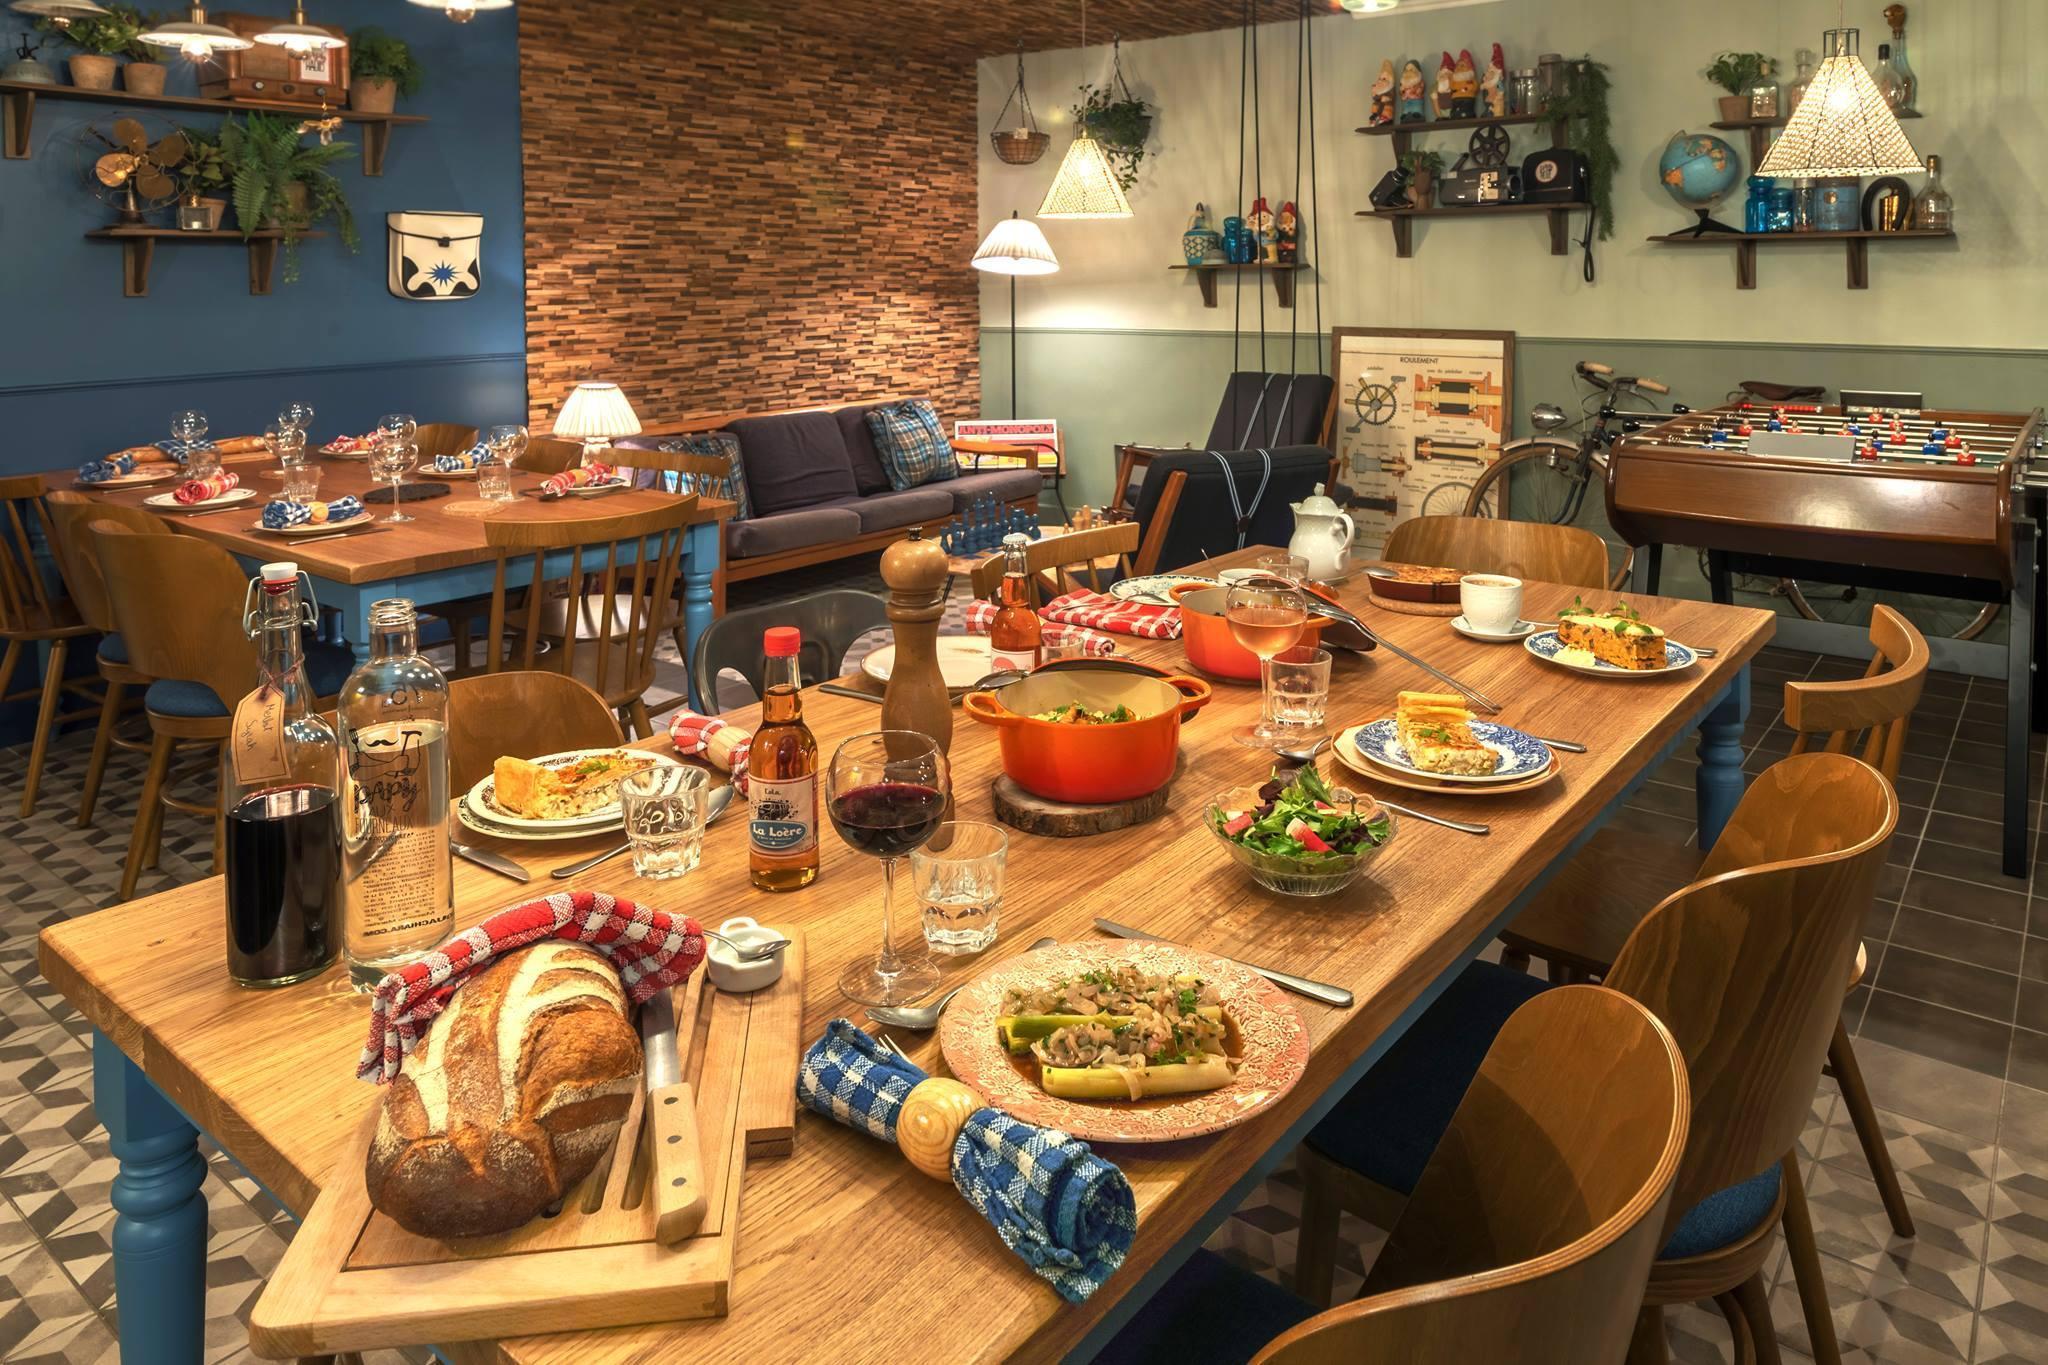 La table d'hôtes, nouvelle tendance hot avec Papy aux Fourneaux